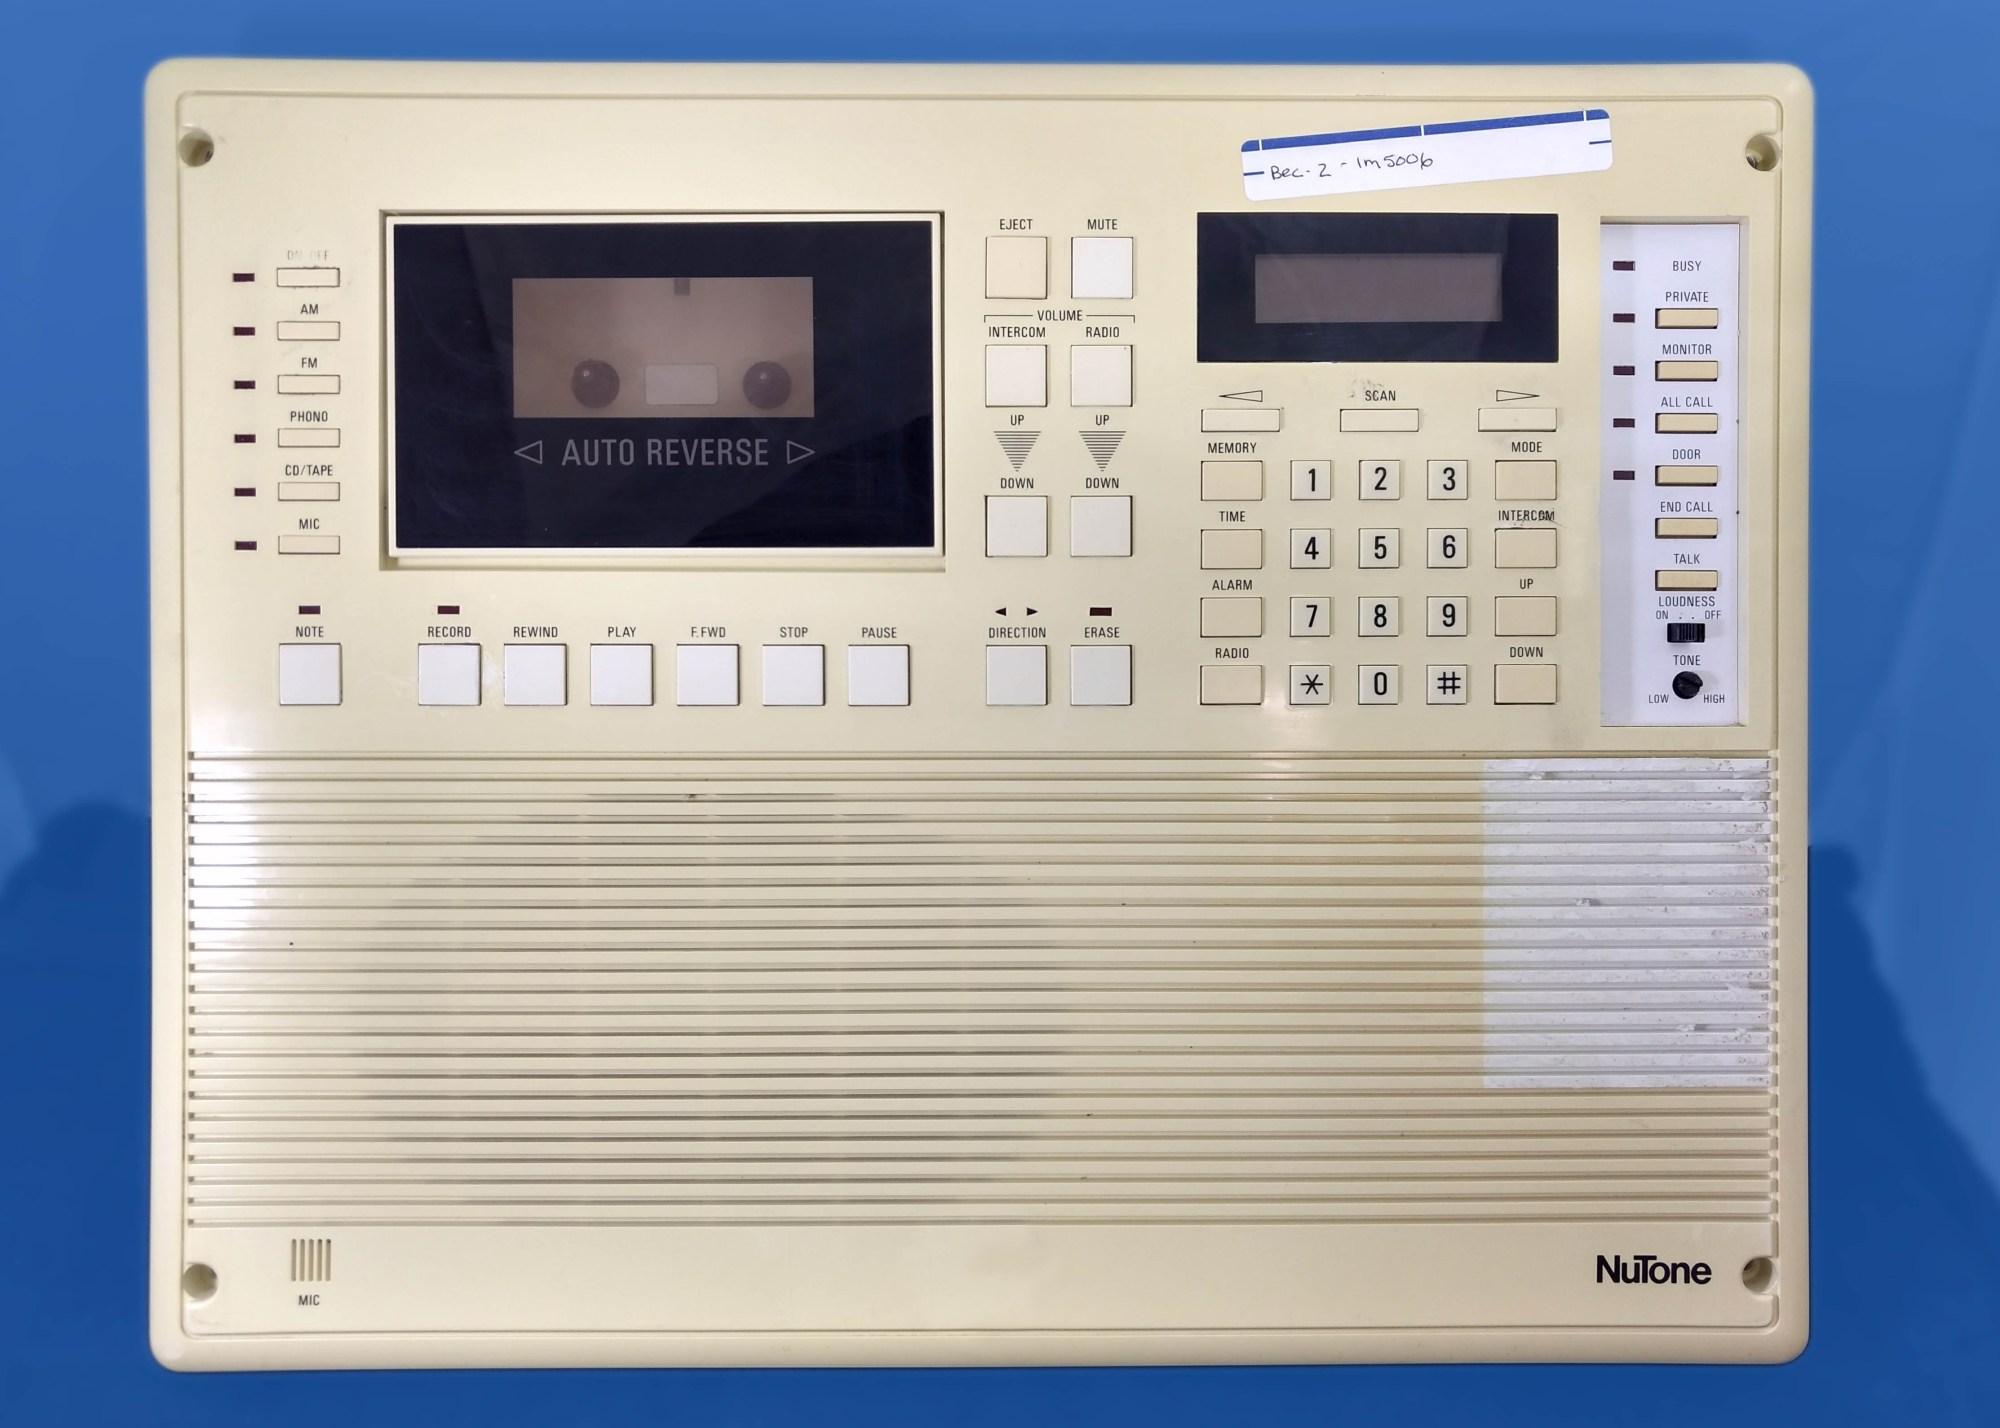 hight resolution of nutone im 5006 intercom parts